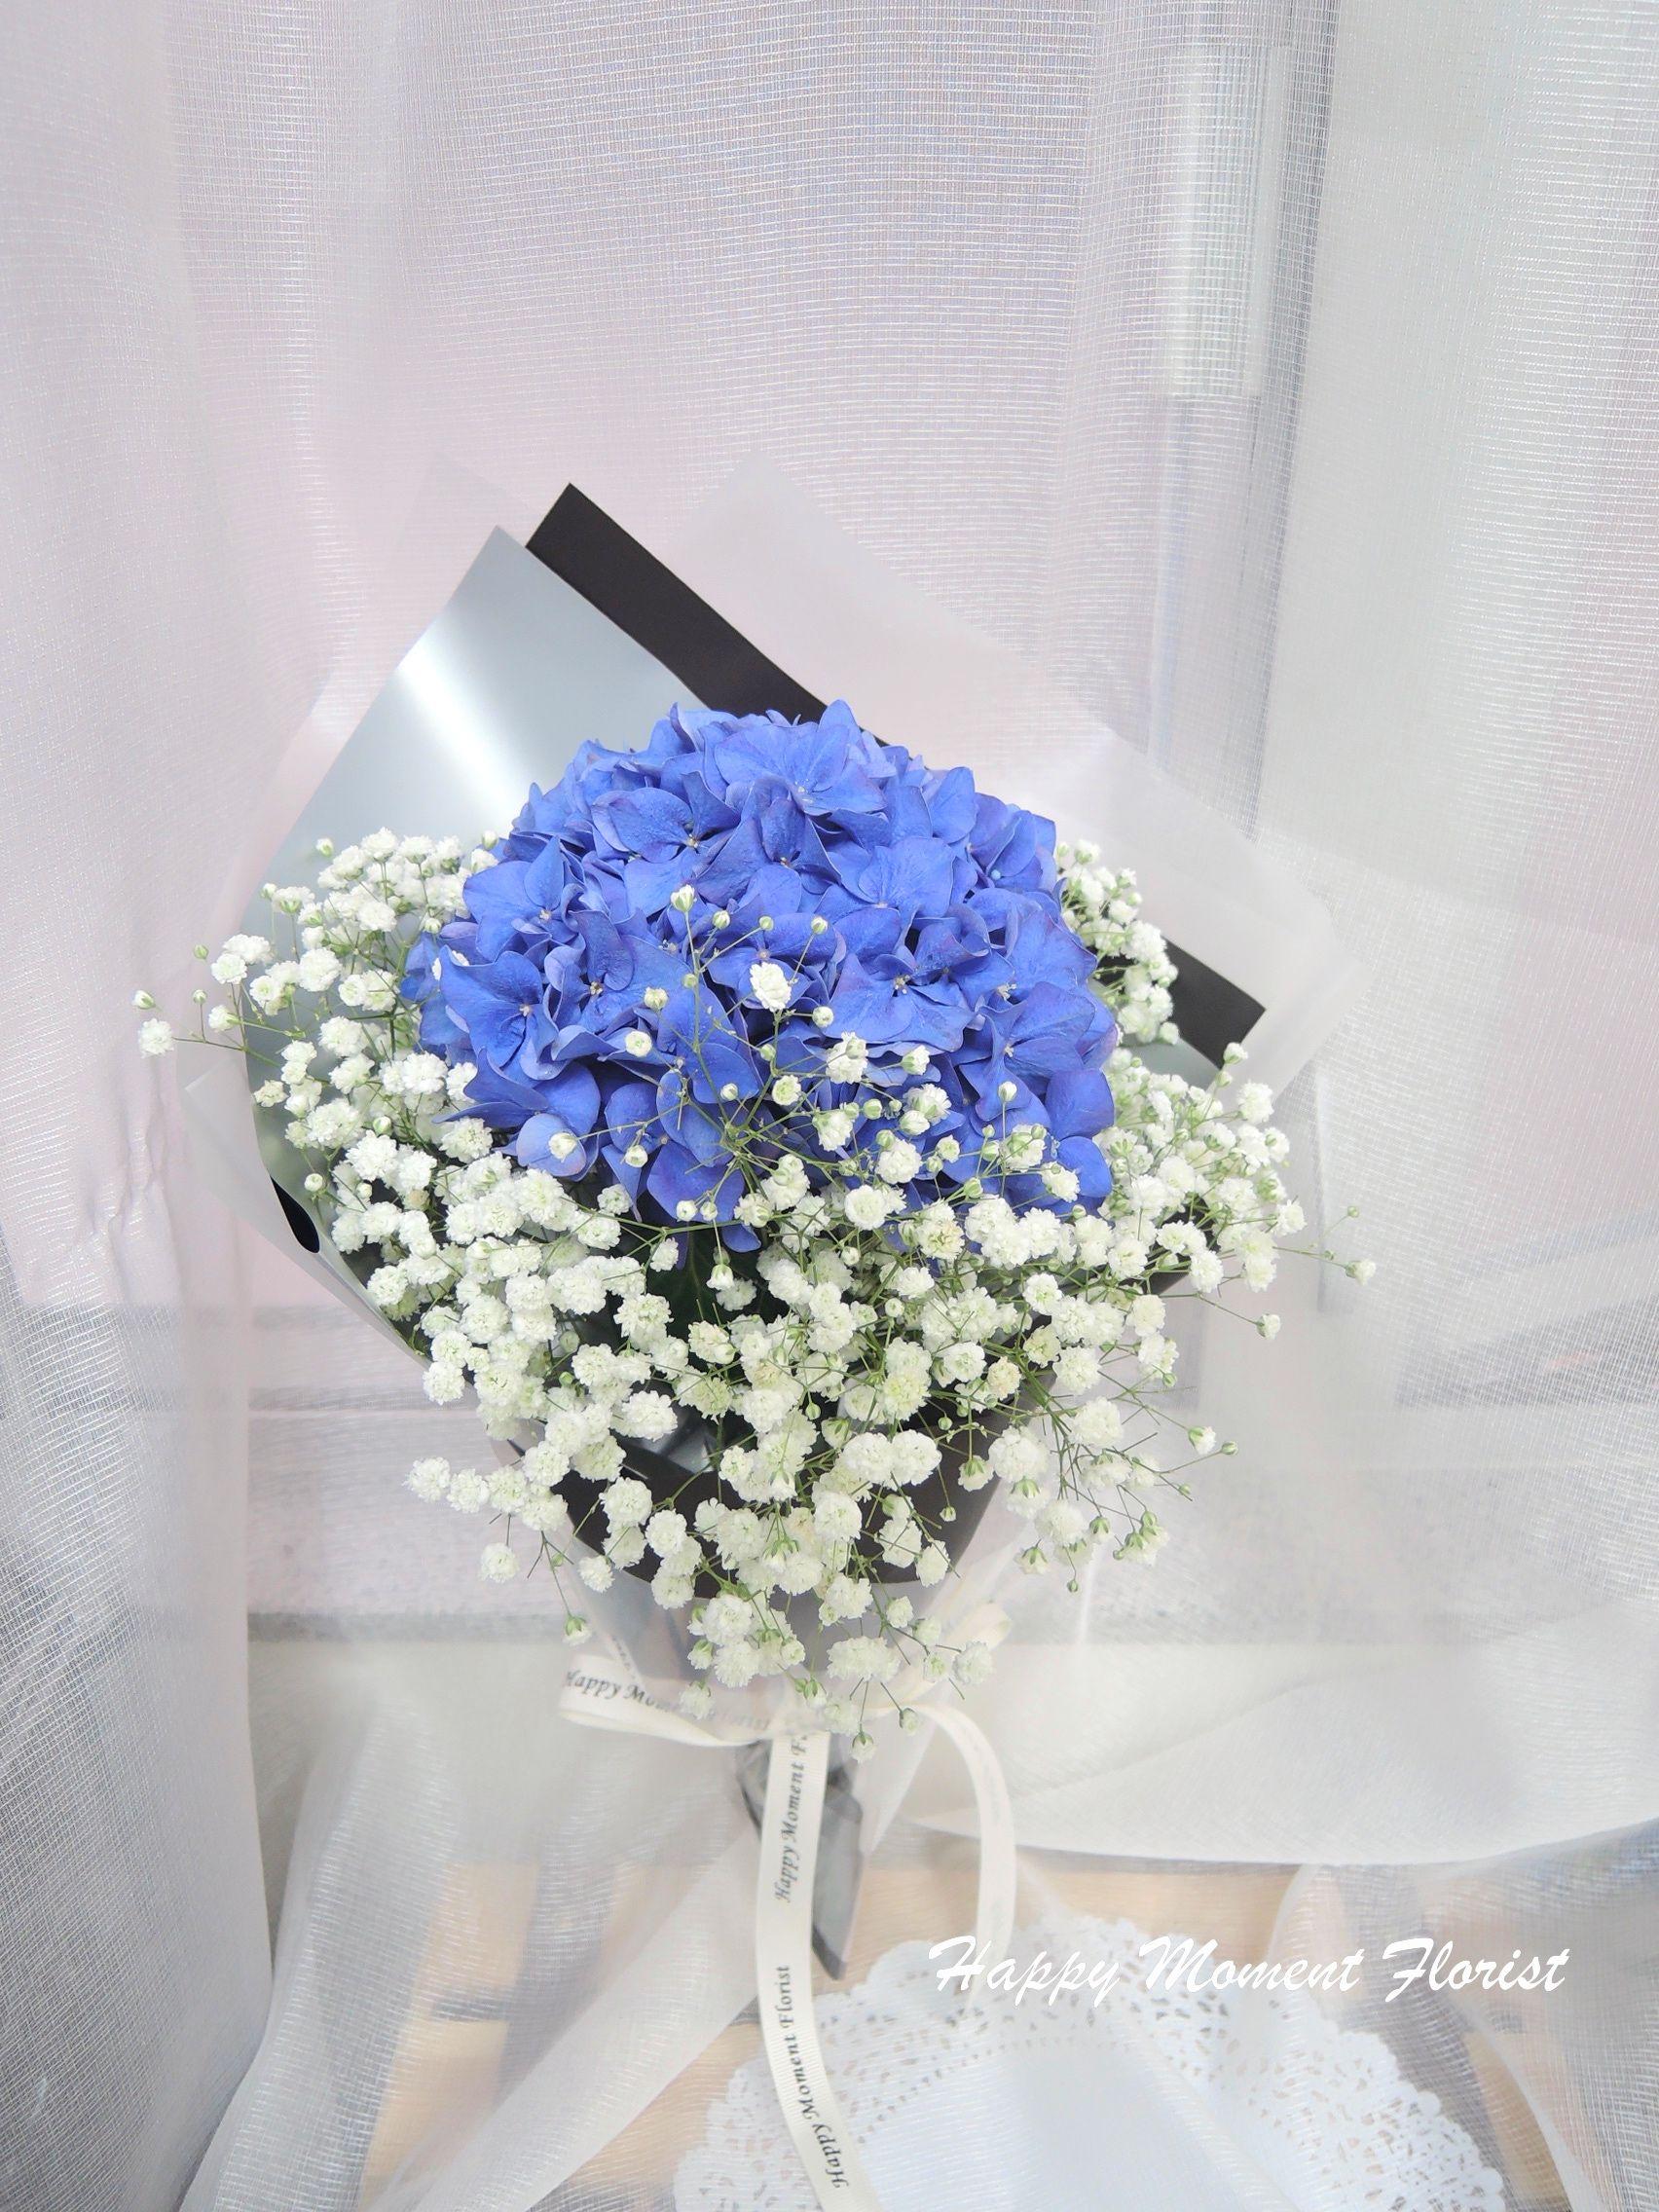 荷蘭繡球+滿天星小花束 | Hand bouquet